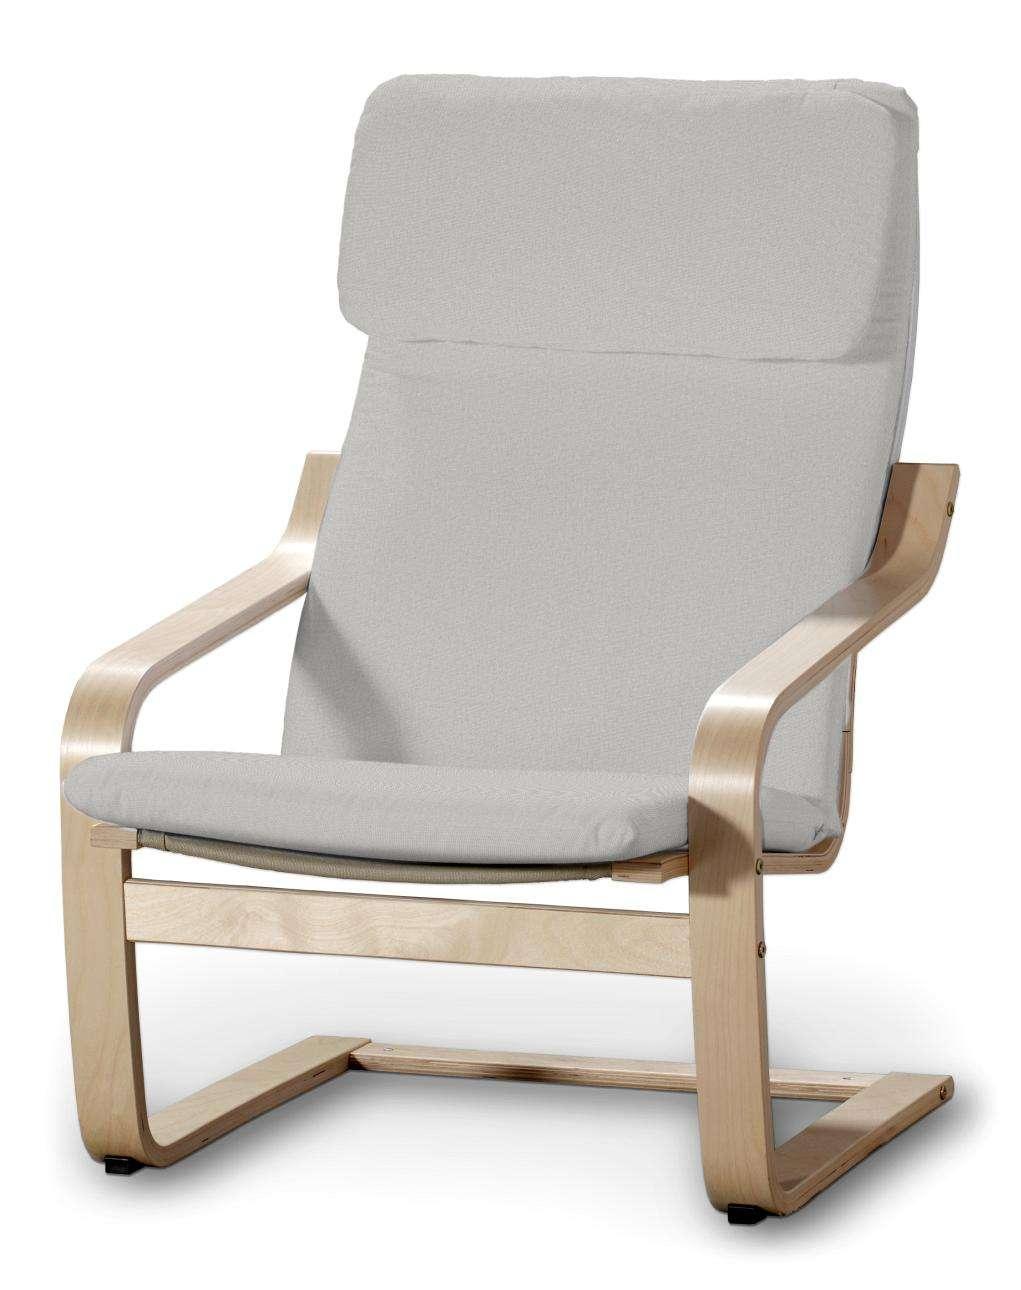 POÄNG  fotelio užvalkalas Poäng armchair kolekcijoje Etna , audinys: 705-90